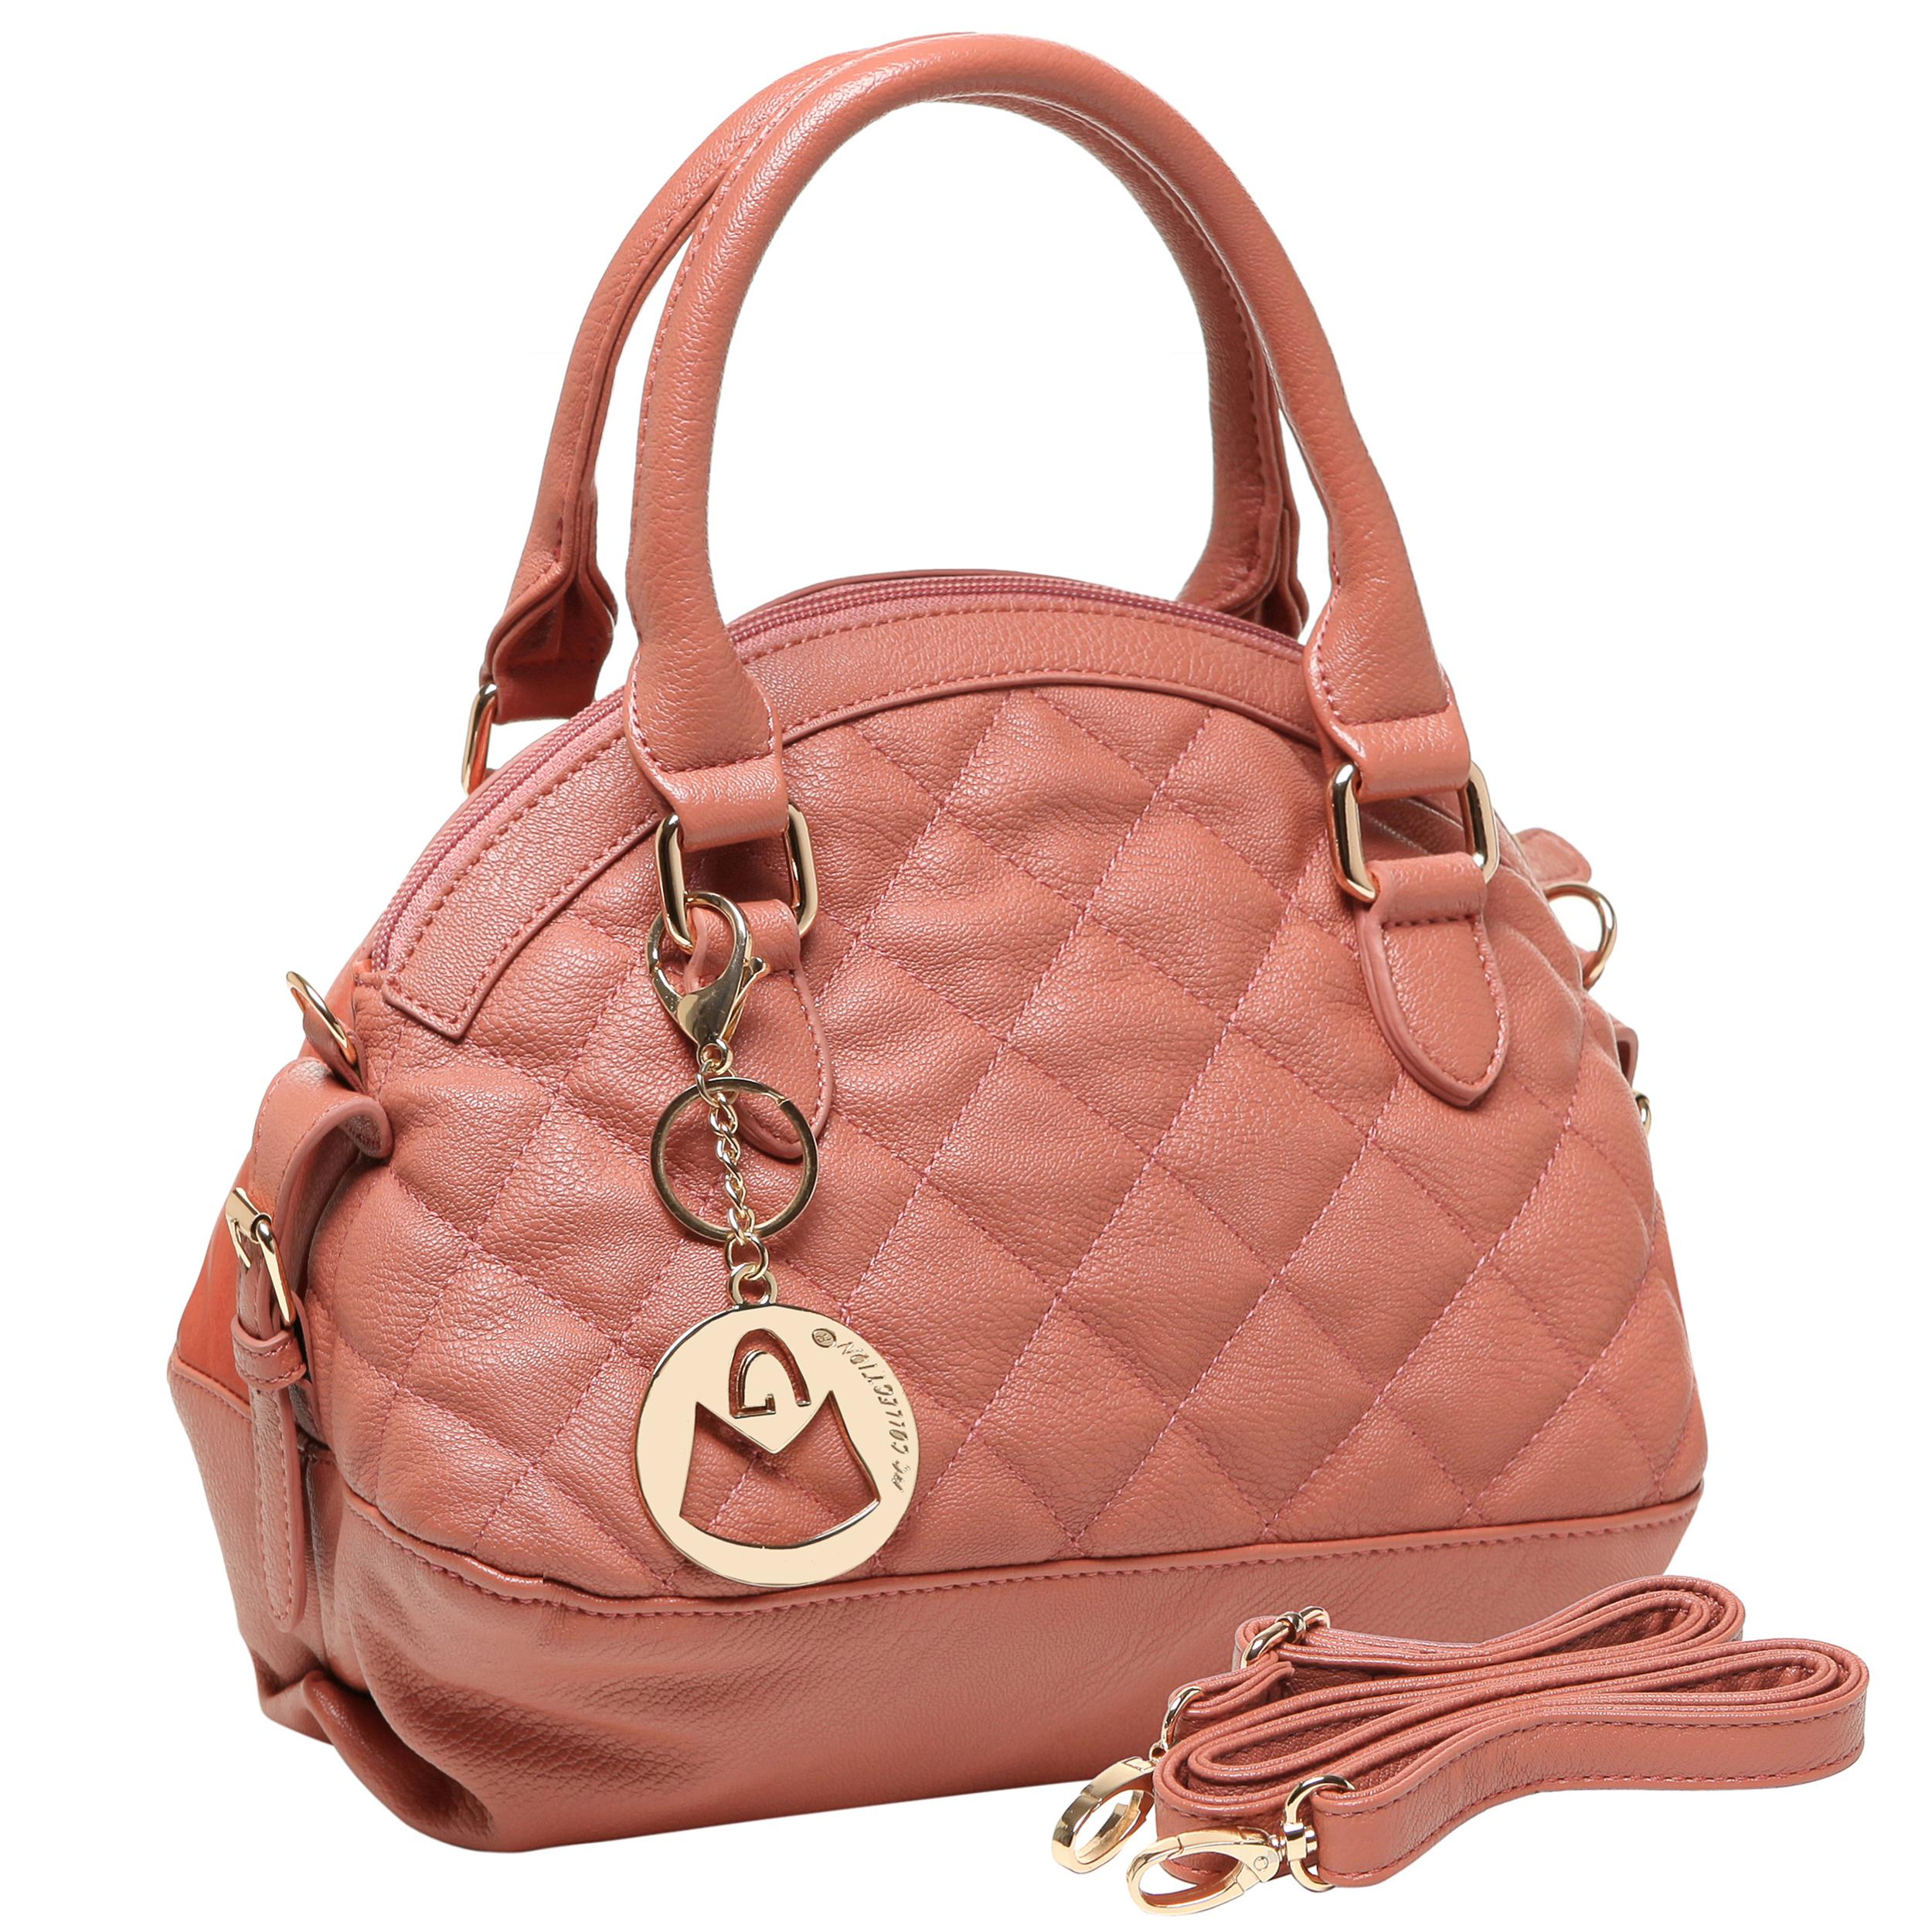 Imani pink quilted bowler designer handbag main image